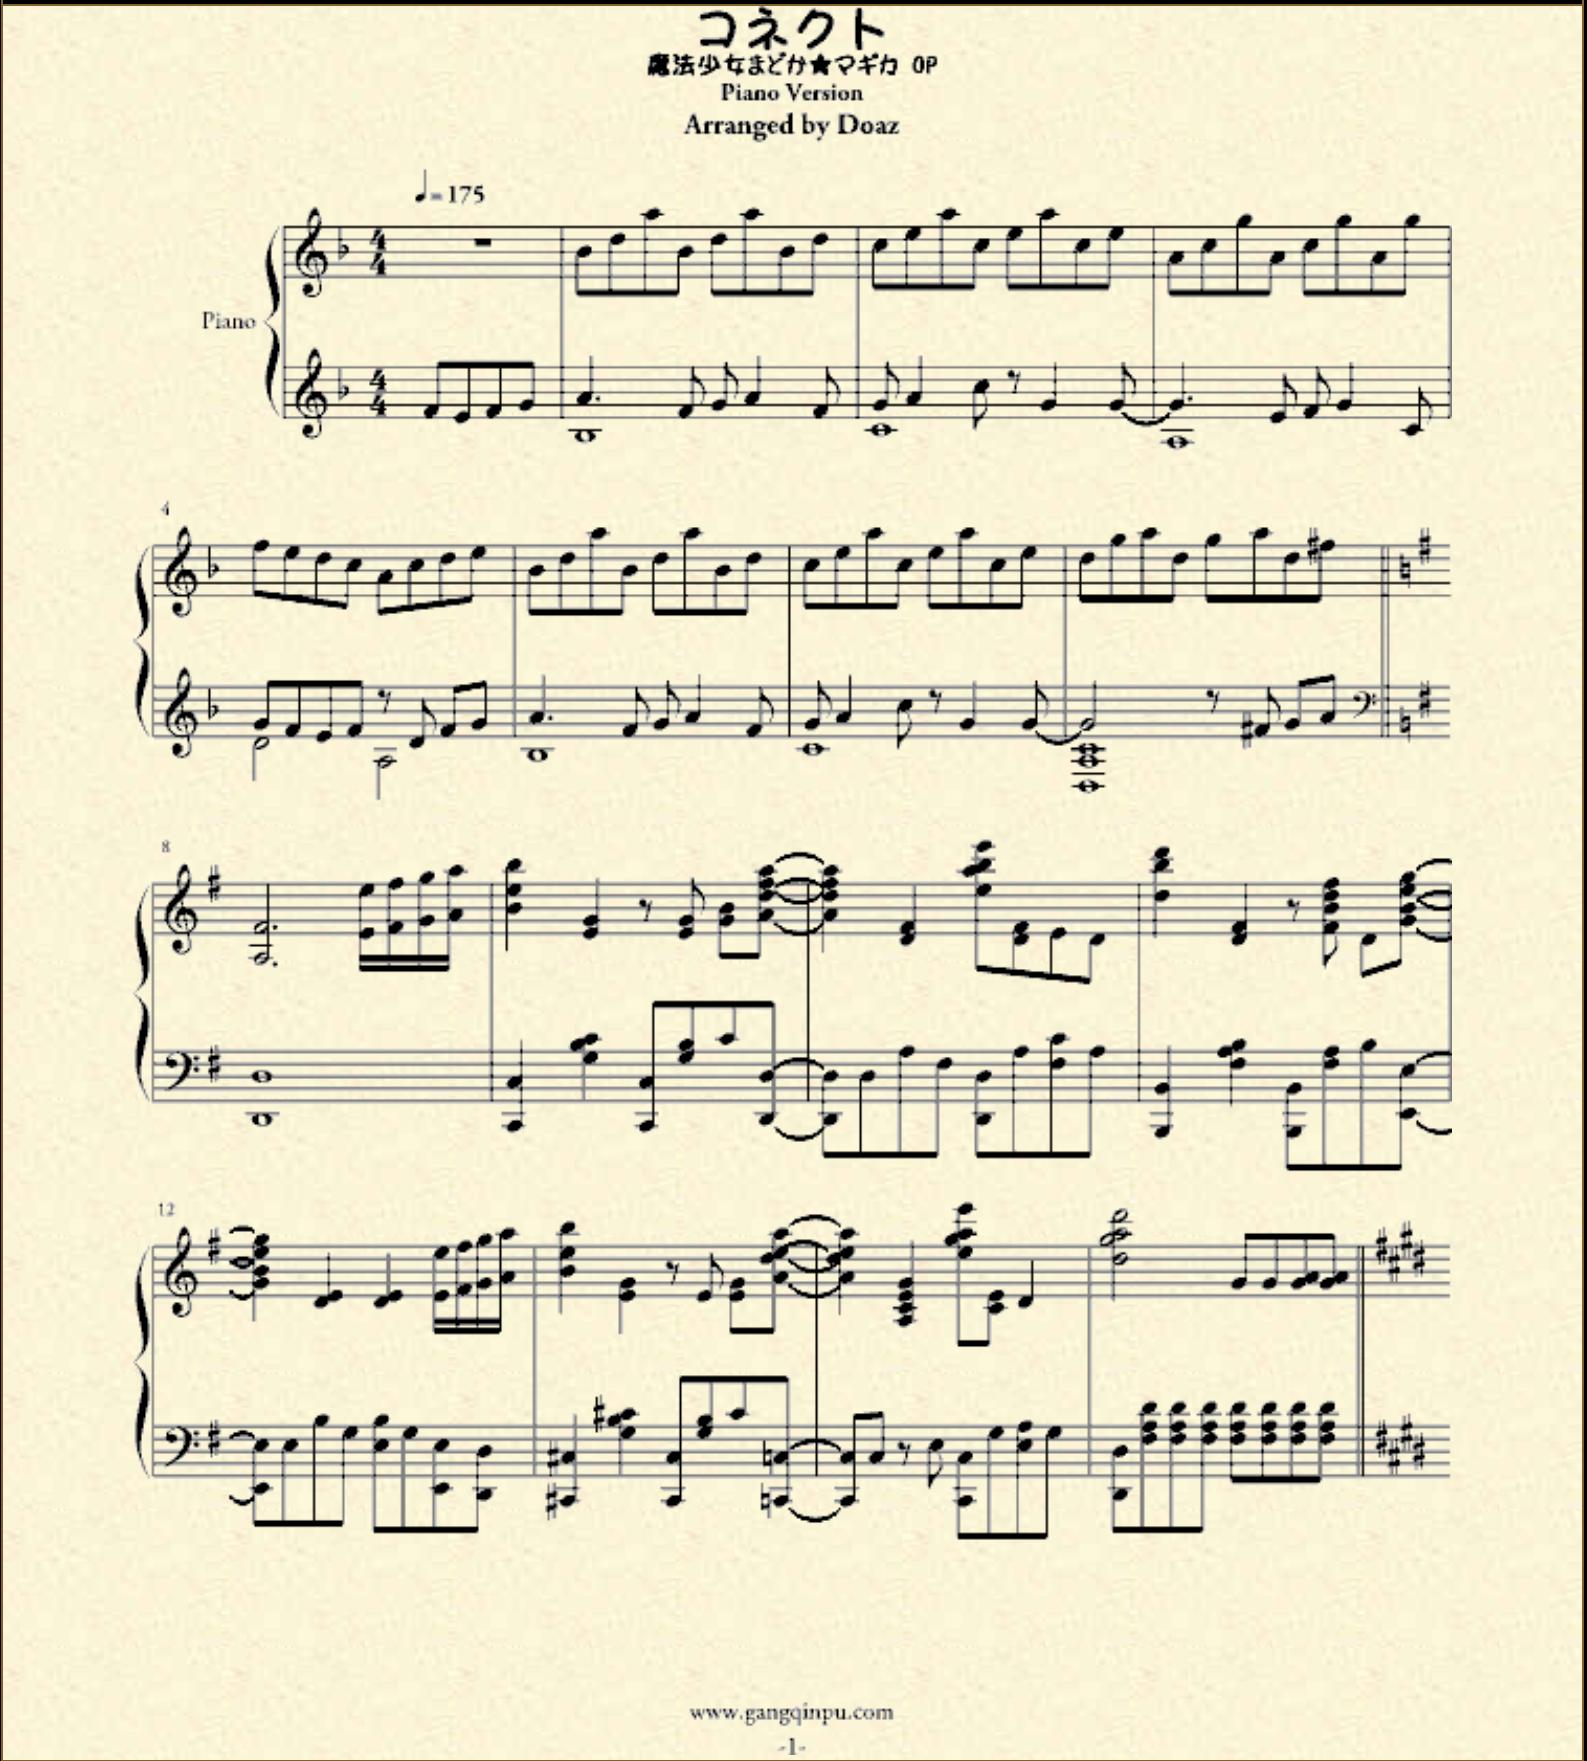 天空之城钢琴谱还有其他种种图片